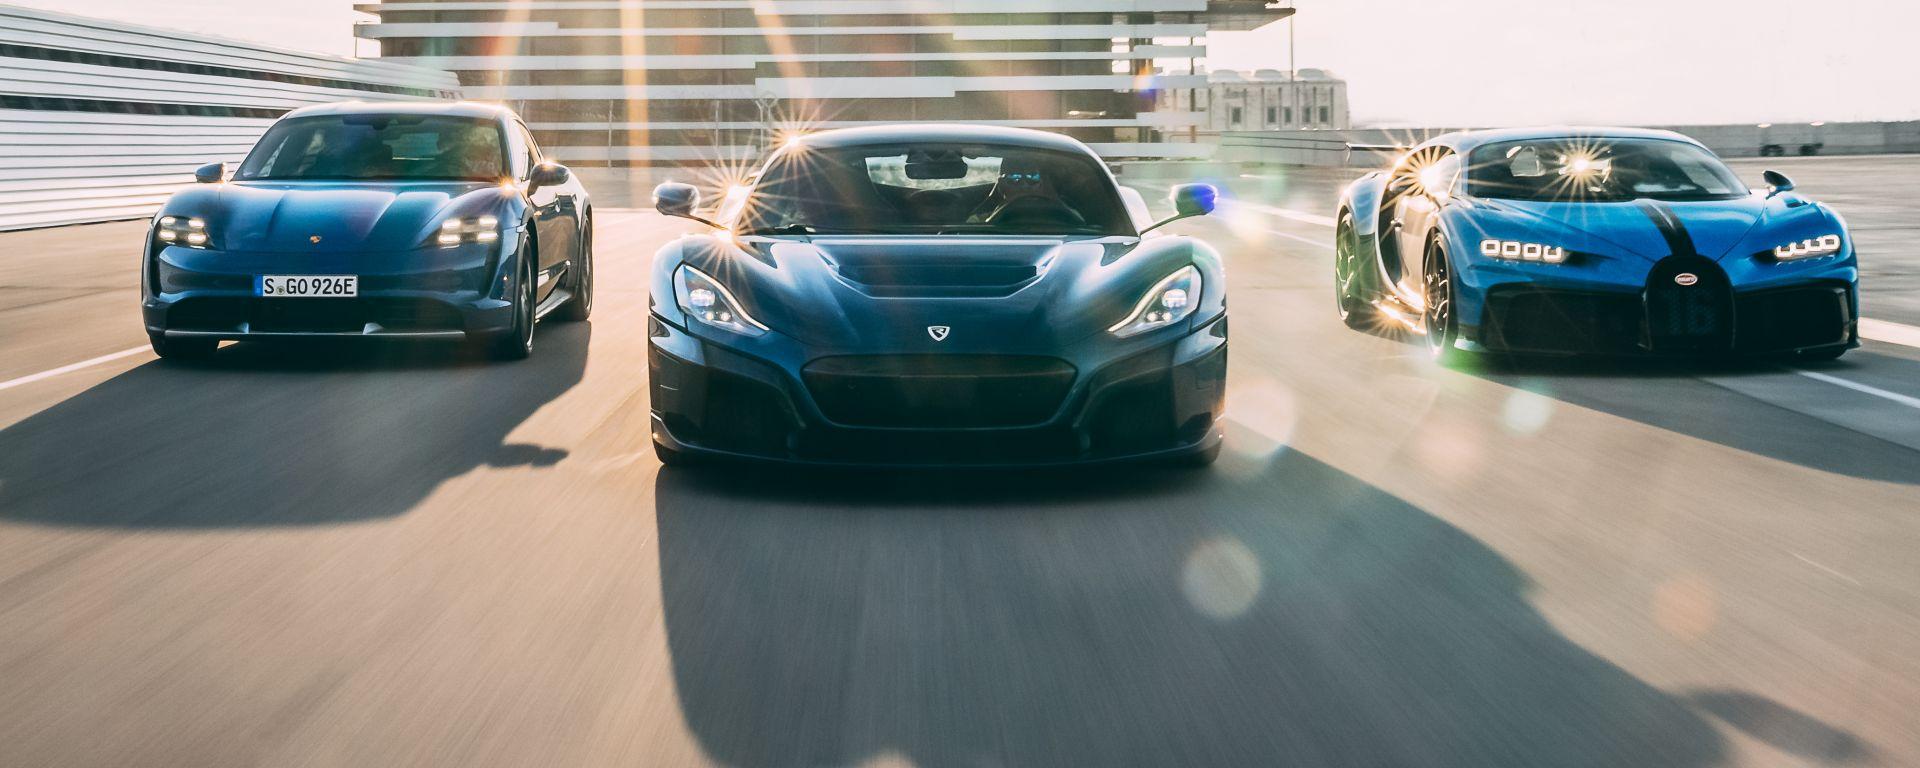 Bugatti-Rimac: nasce una nuova partnership